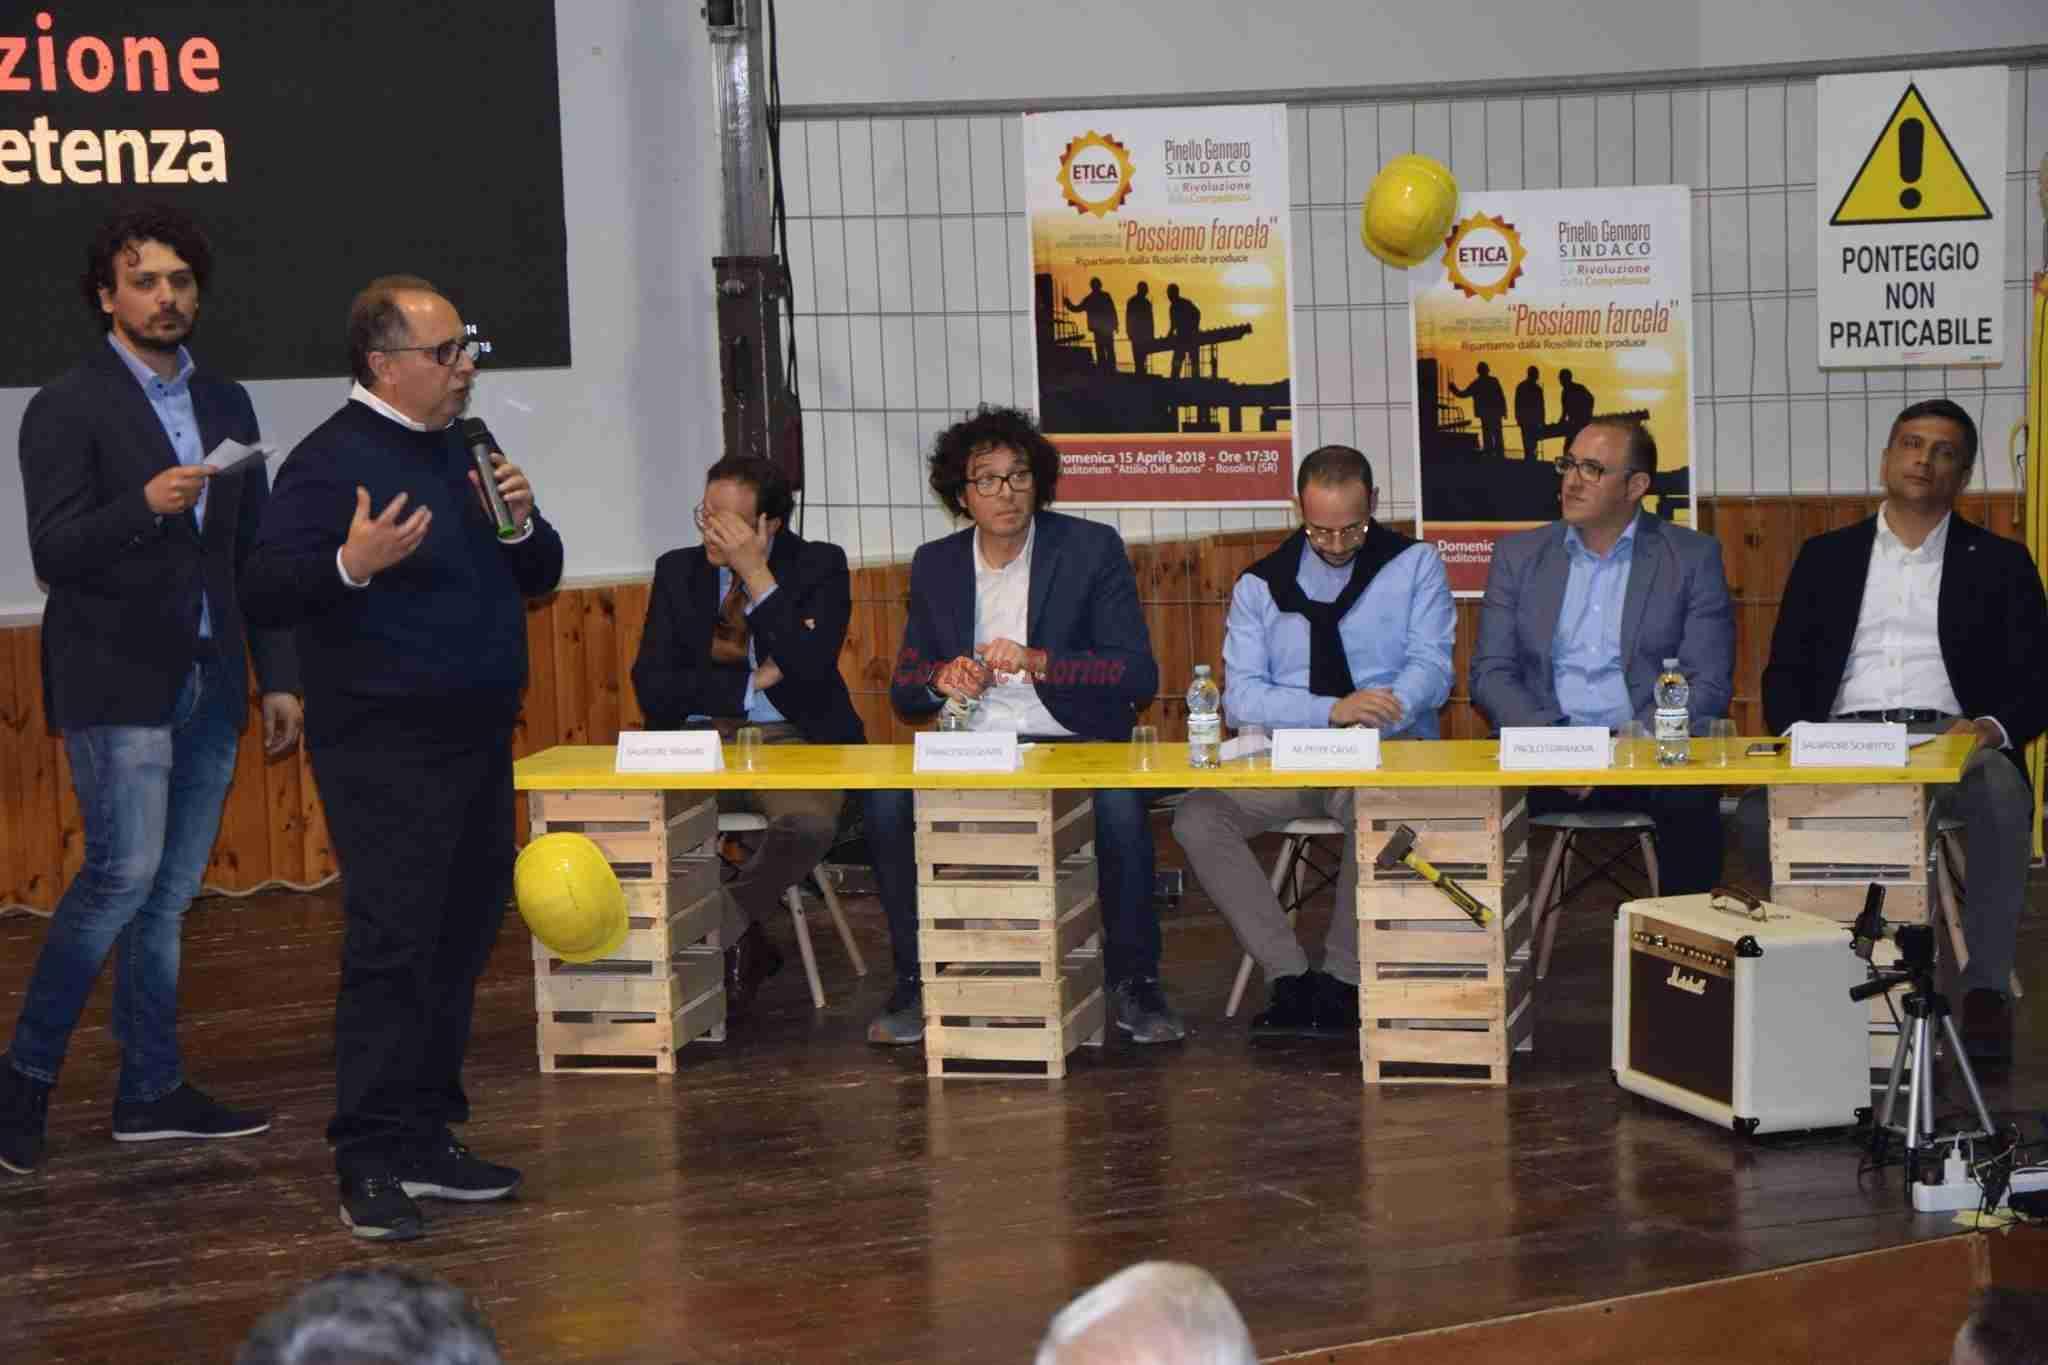 Pinello Gennaro: Etica è la speranza per questa città!